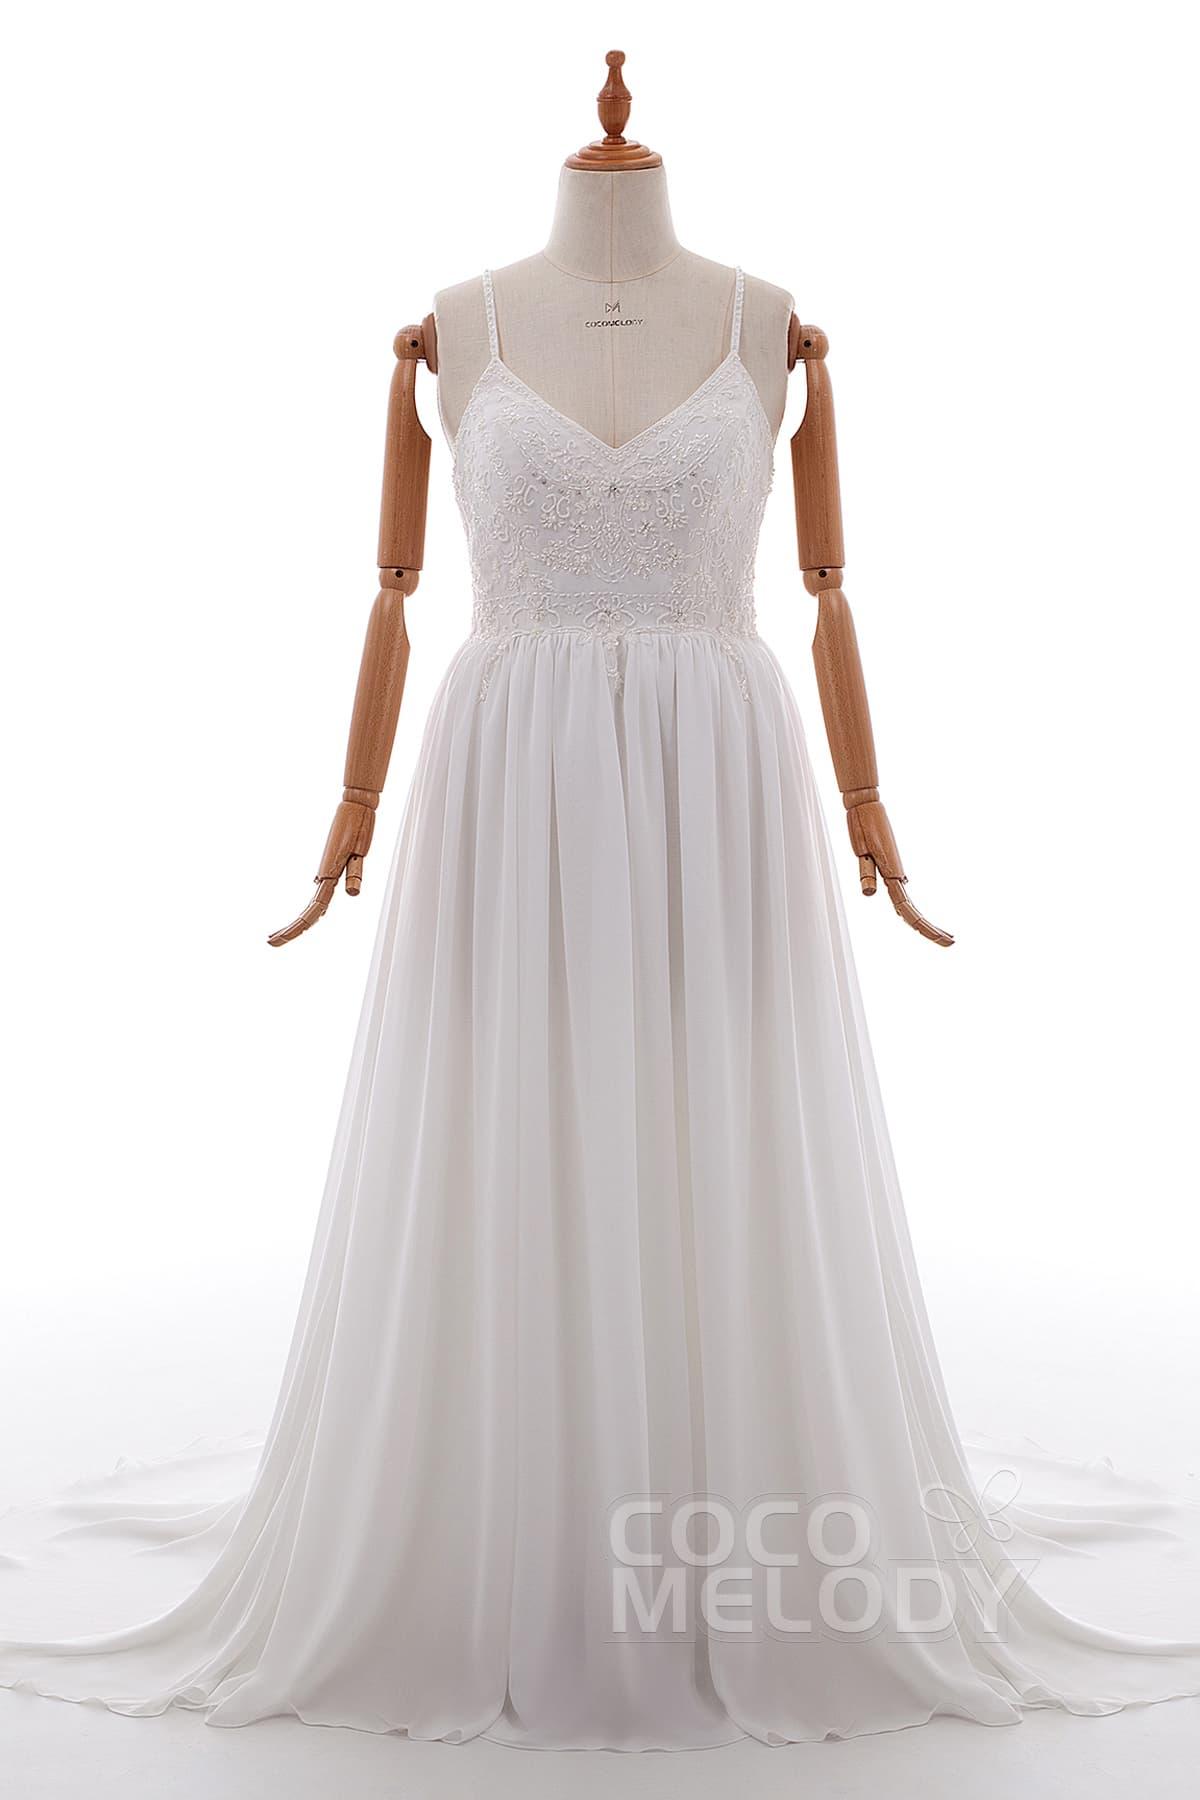 20b79d8c5e43 Bridal Stores